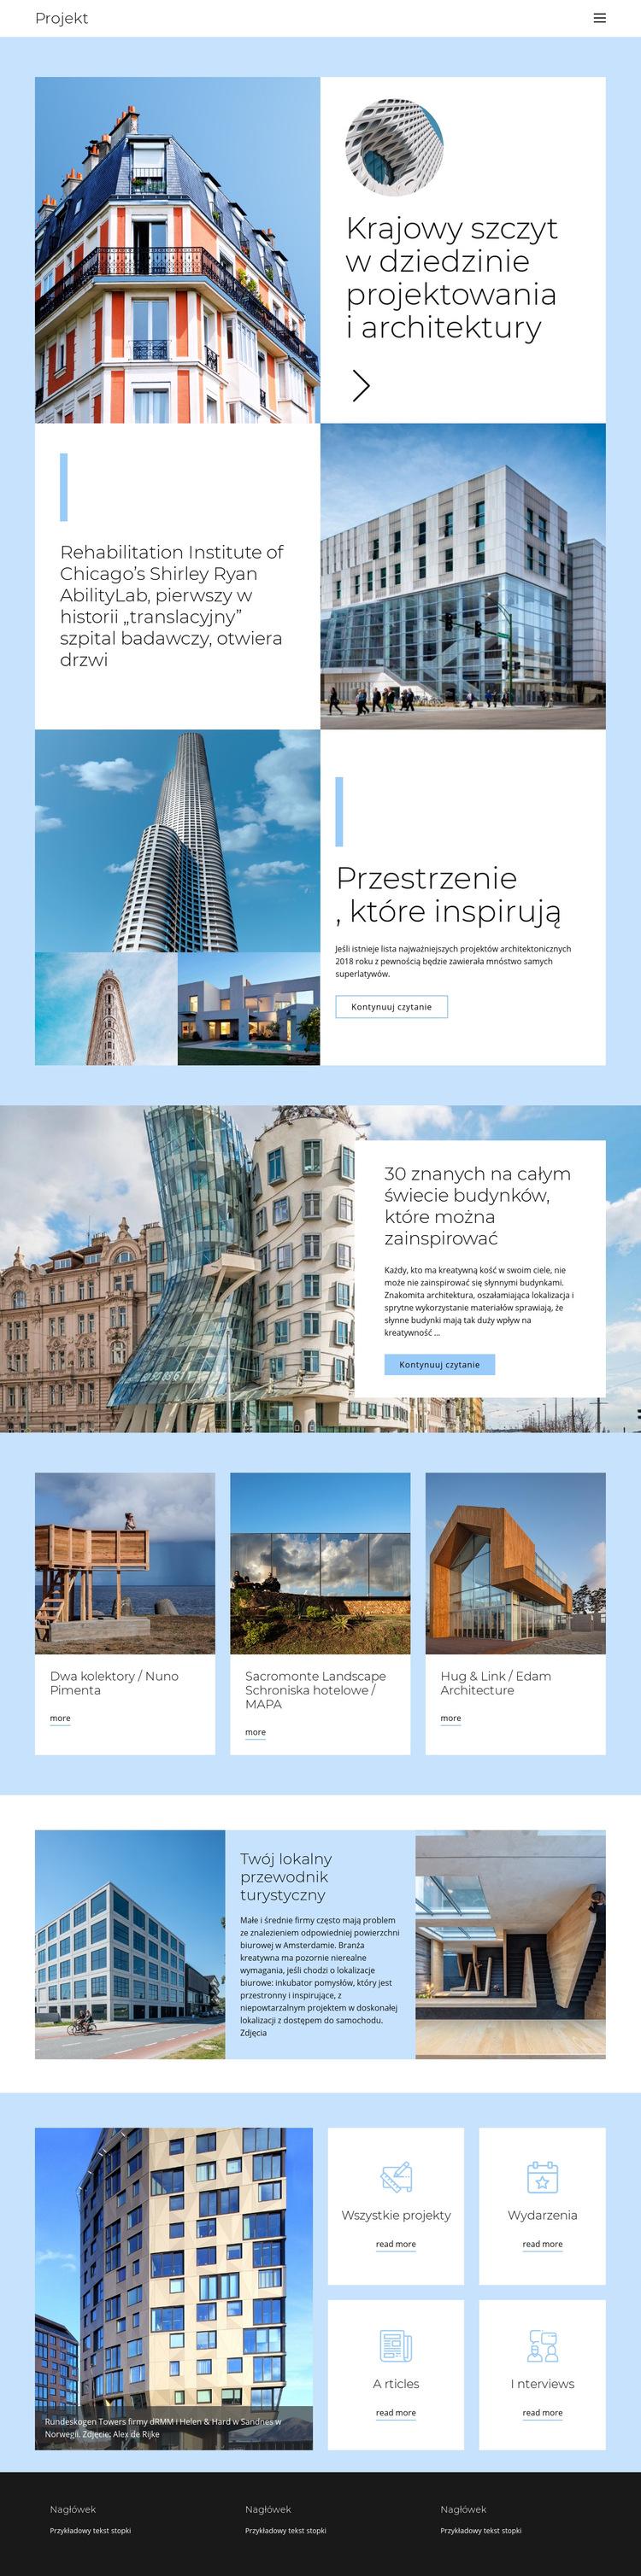 Przewodnik po architekturze Szablon witryny sieci Web